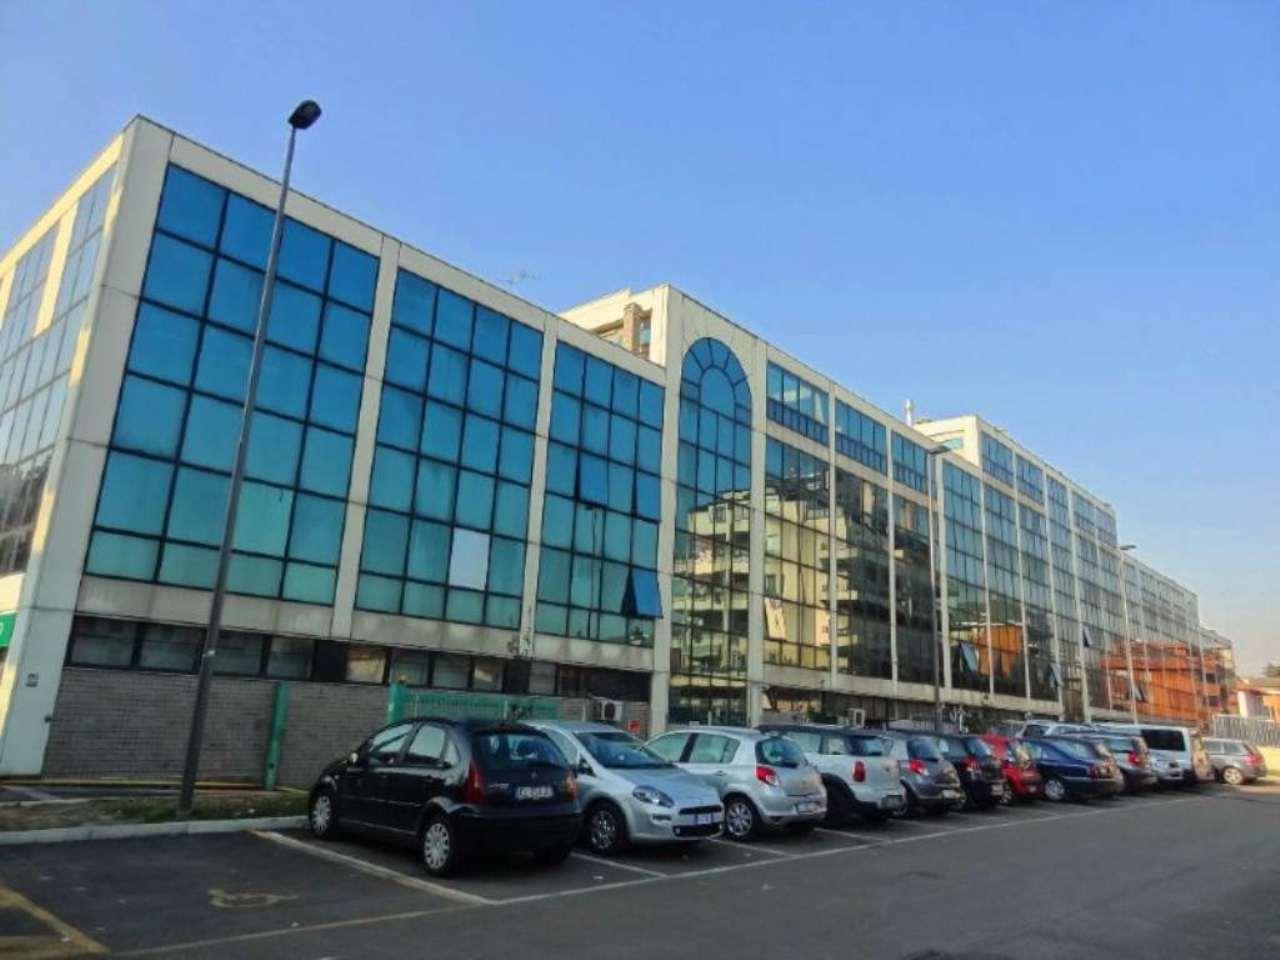 Ufficio / Studio in vendita a Bresso, 14 locali, prezzo € 1.250.000 | CambioCasa.it